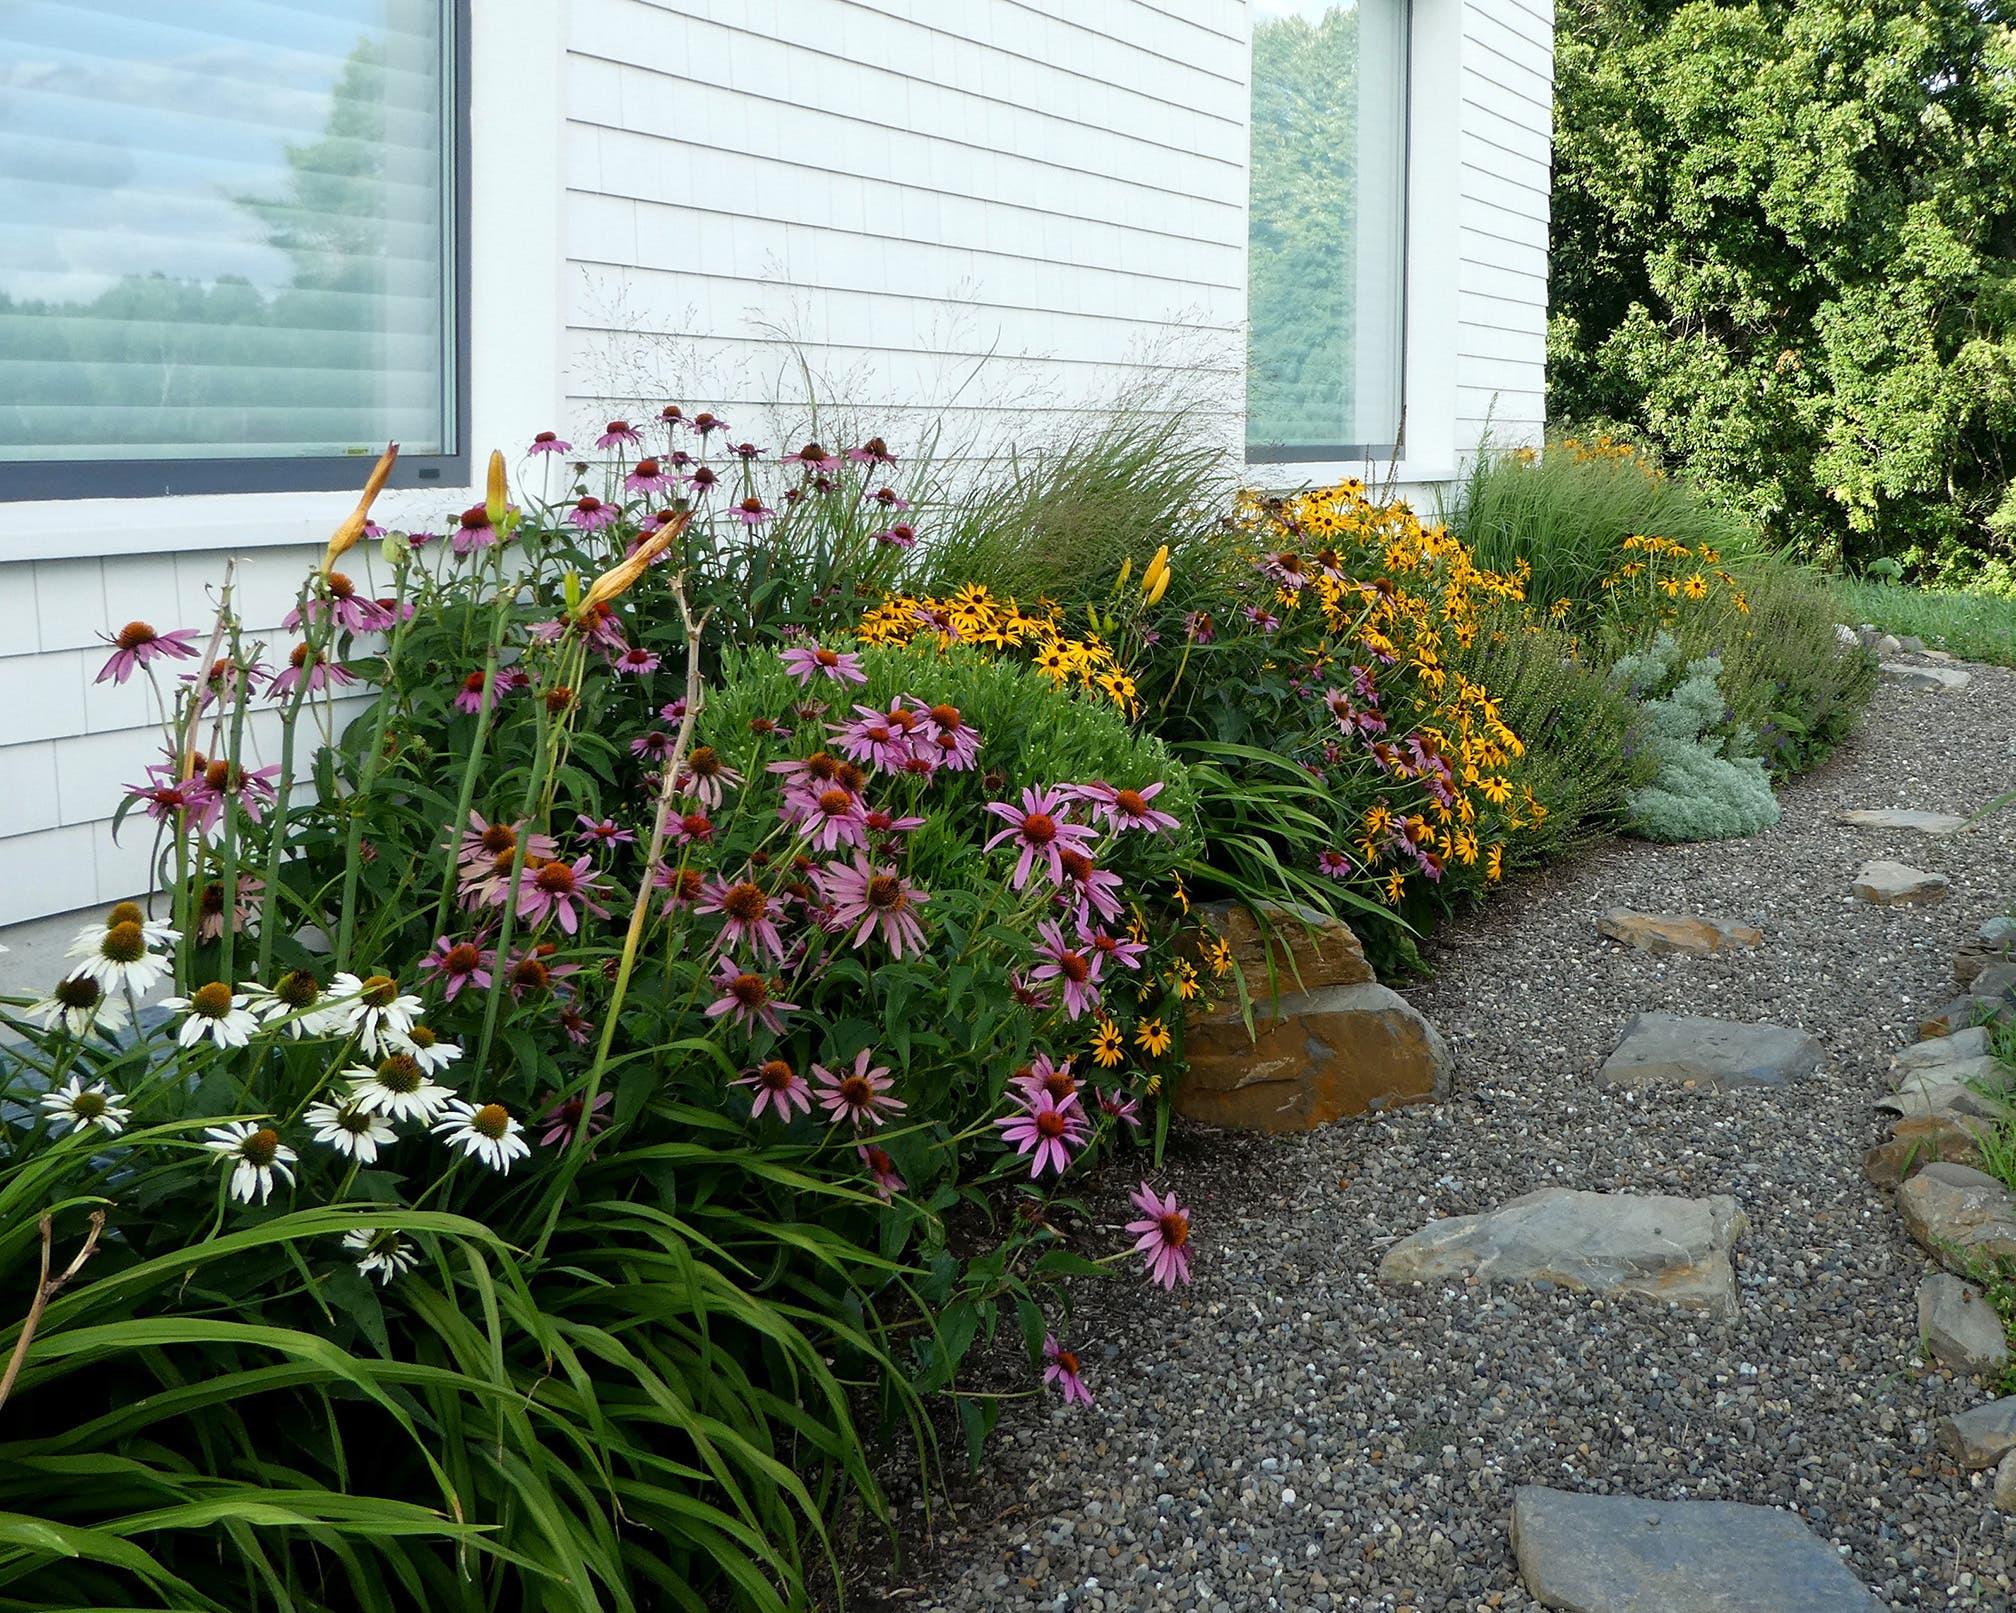 Vor dem Neubau im Hudson Valley: Die Auswahl der Pflanzen soll die Vielfalt der Insekten im New York State unterstützen.